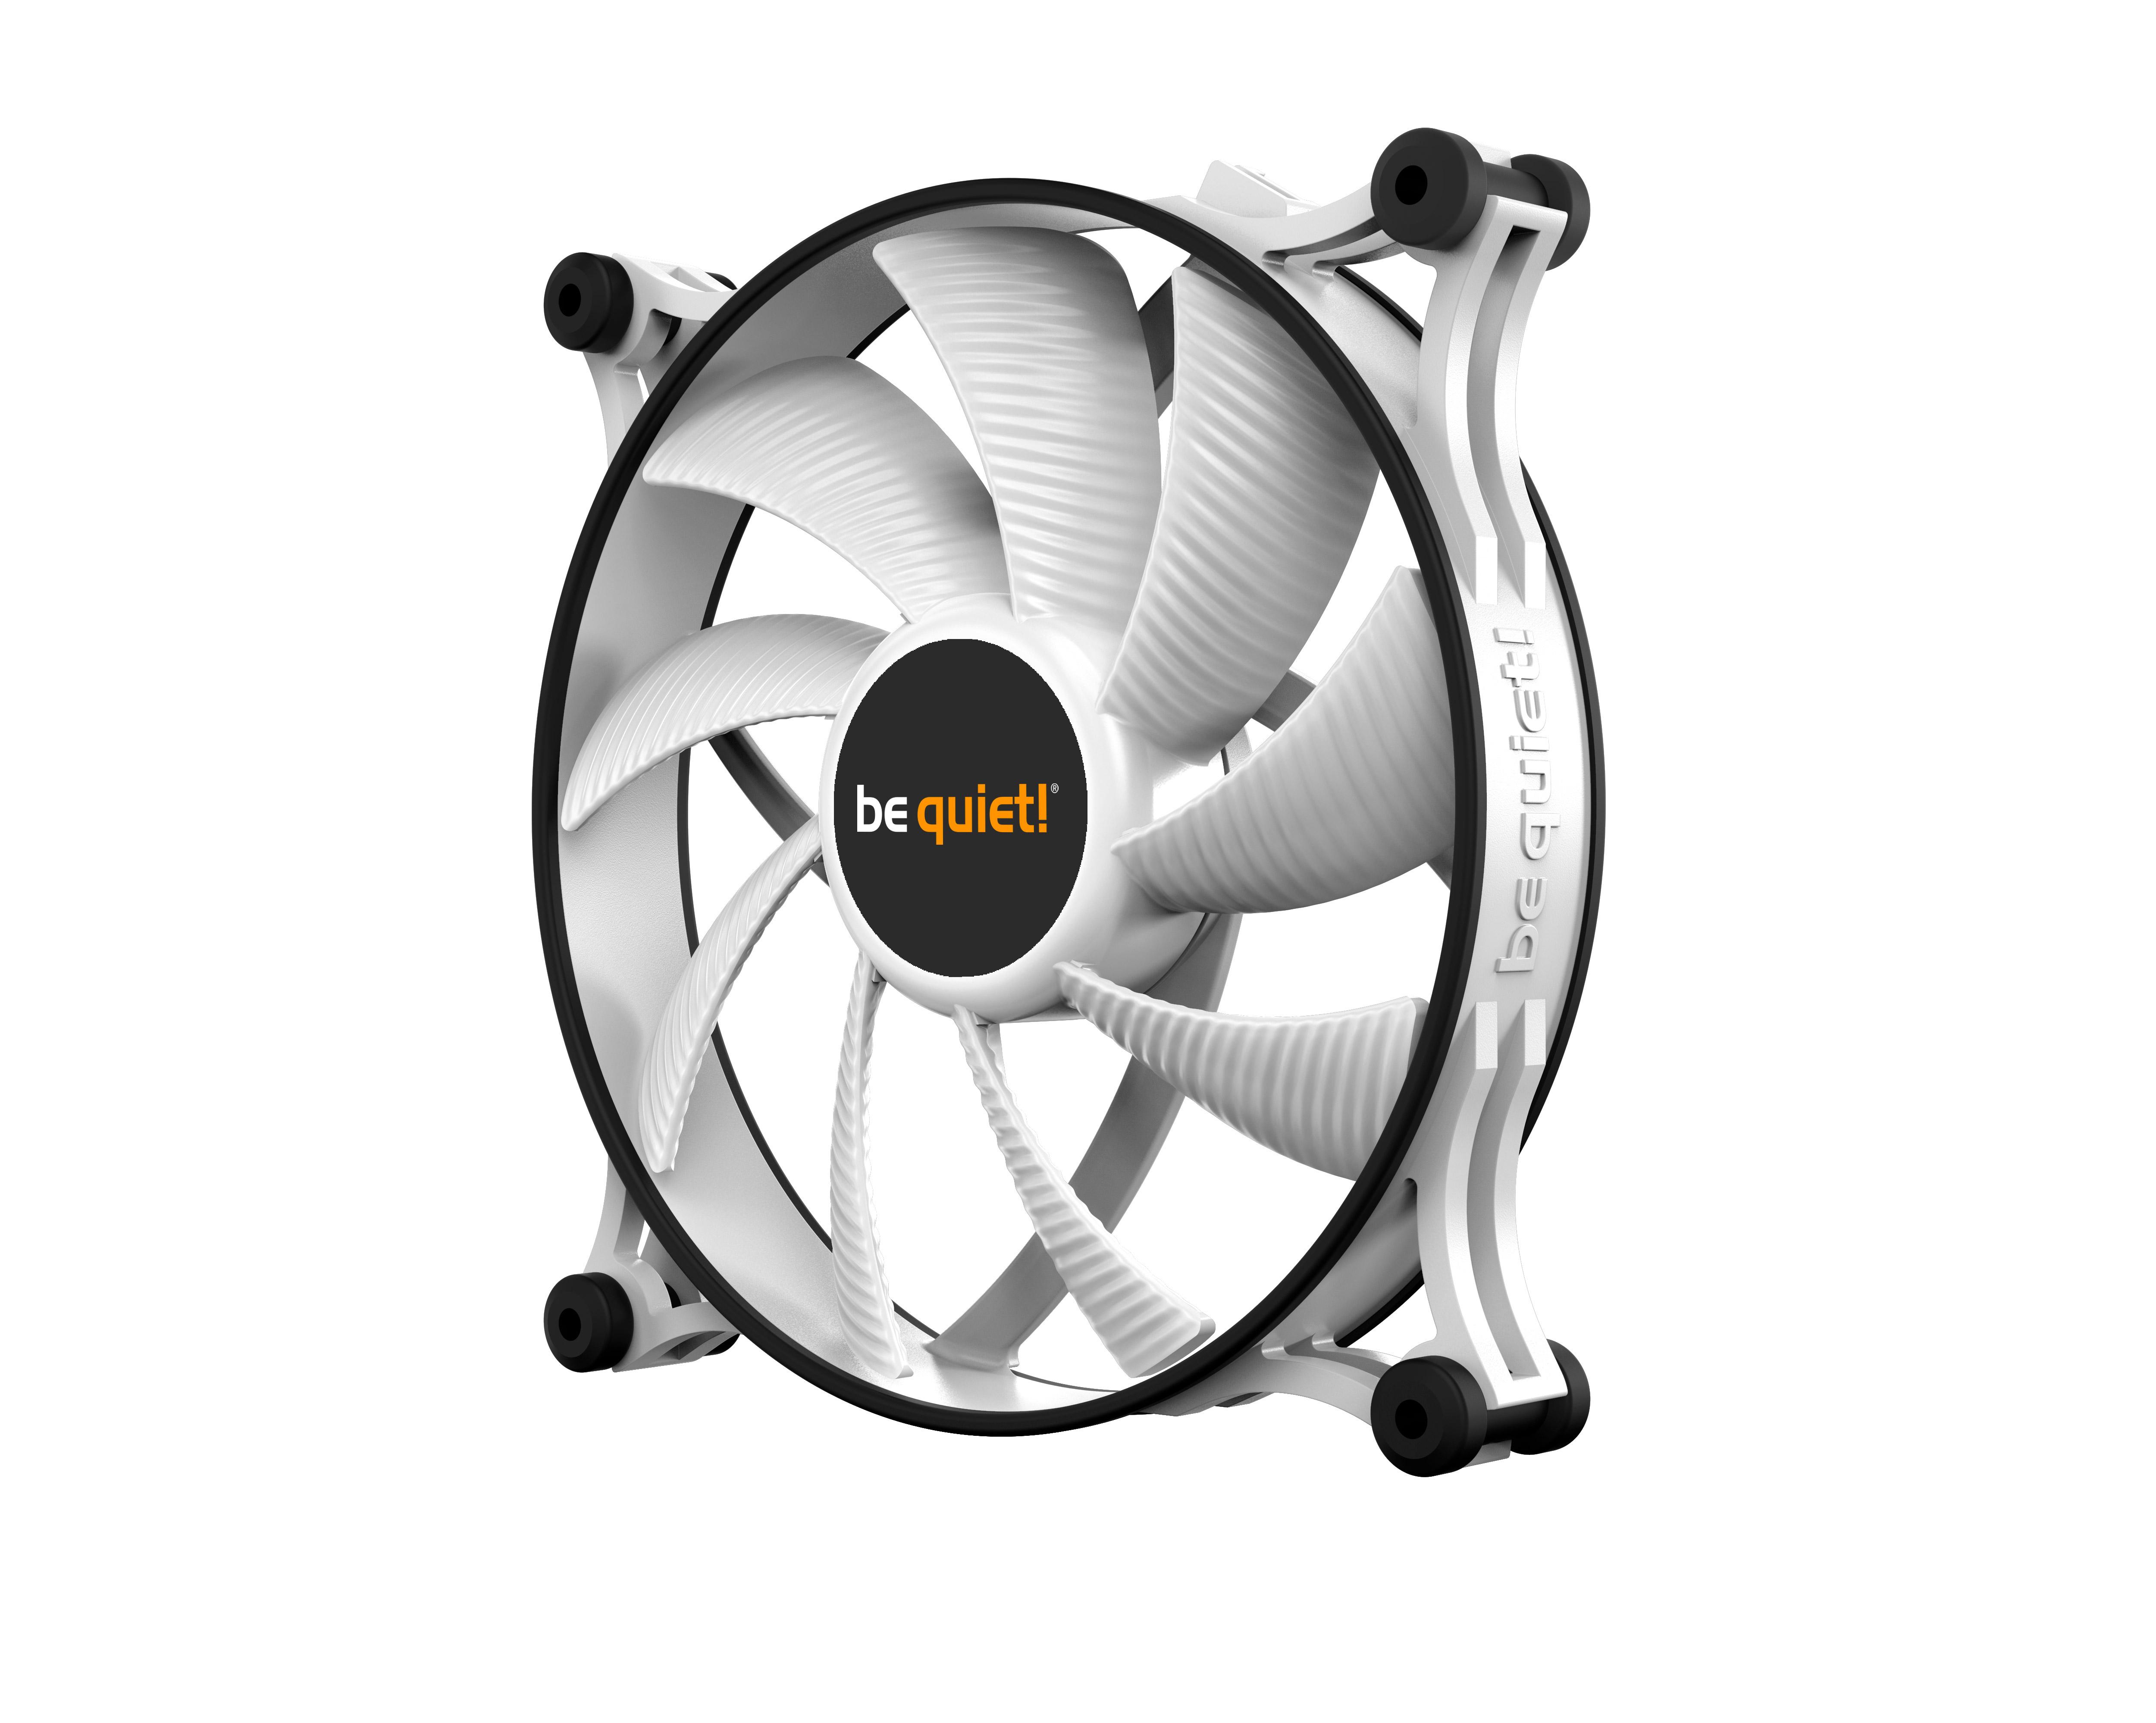 Ventilateur boitier - PWM - 900 RPM